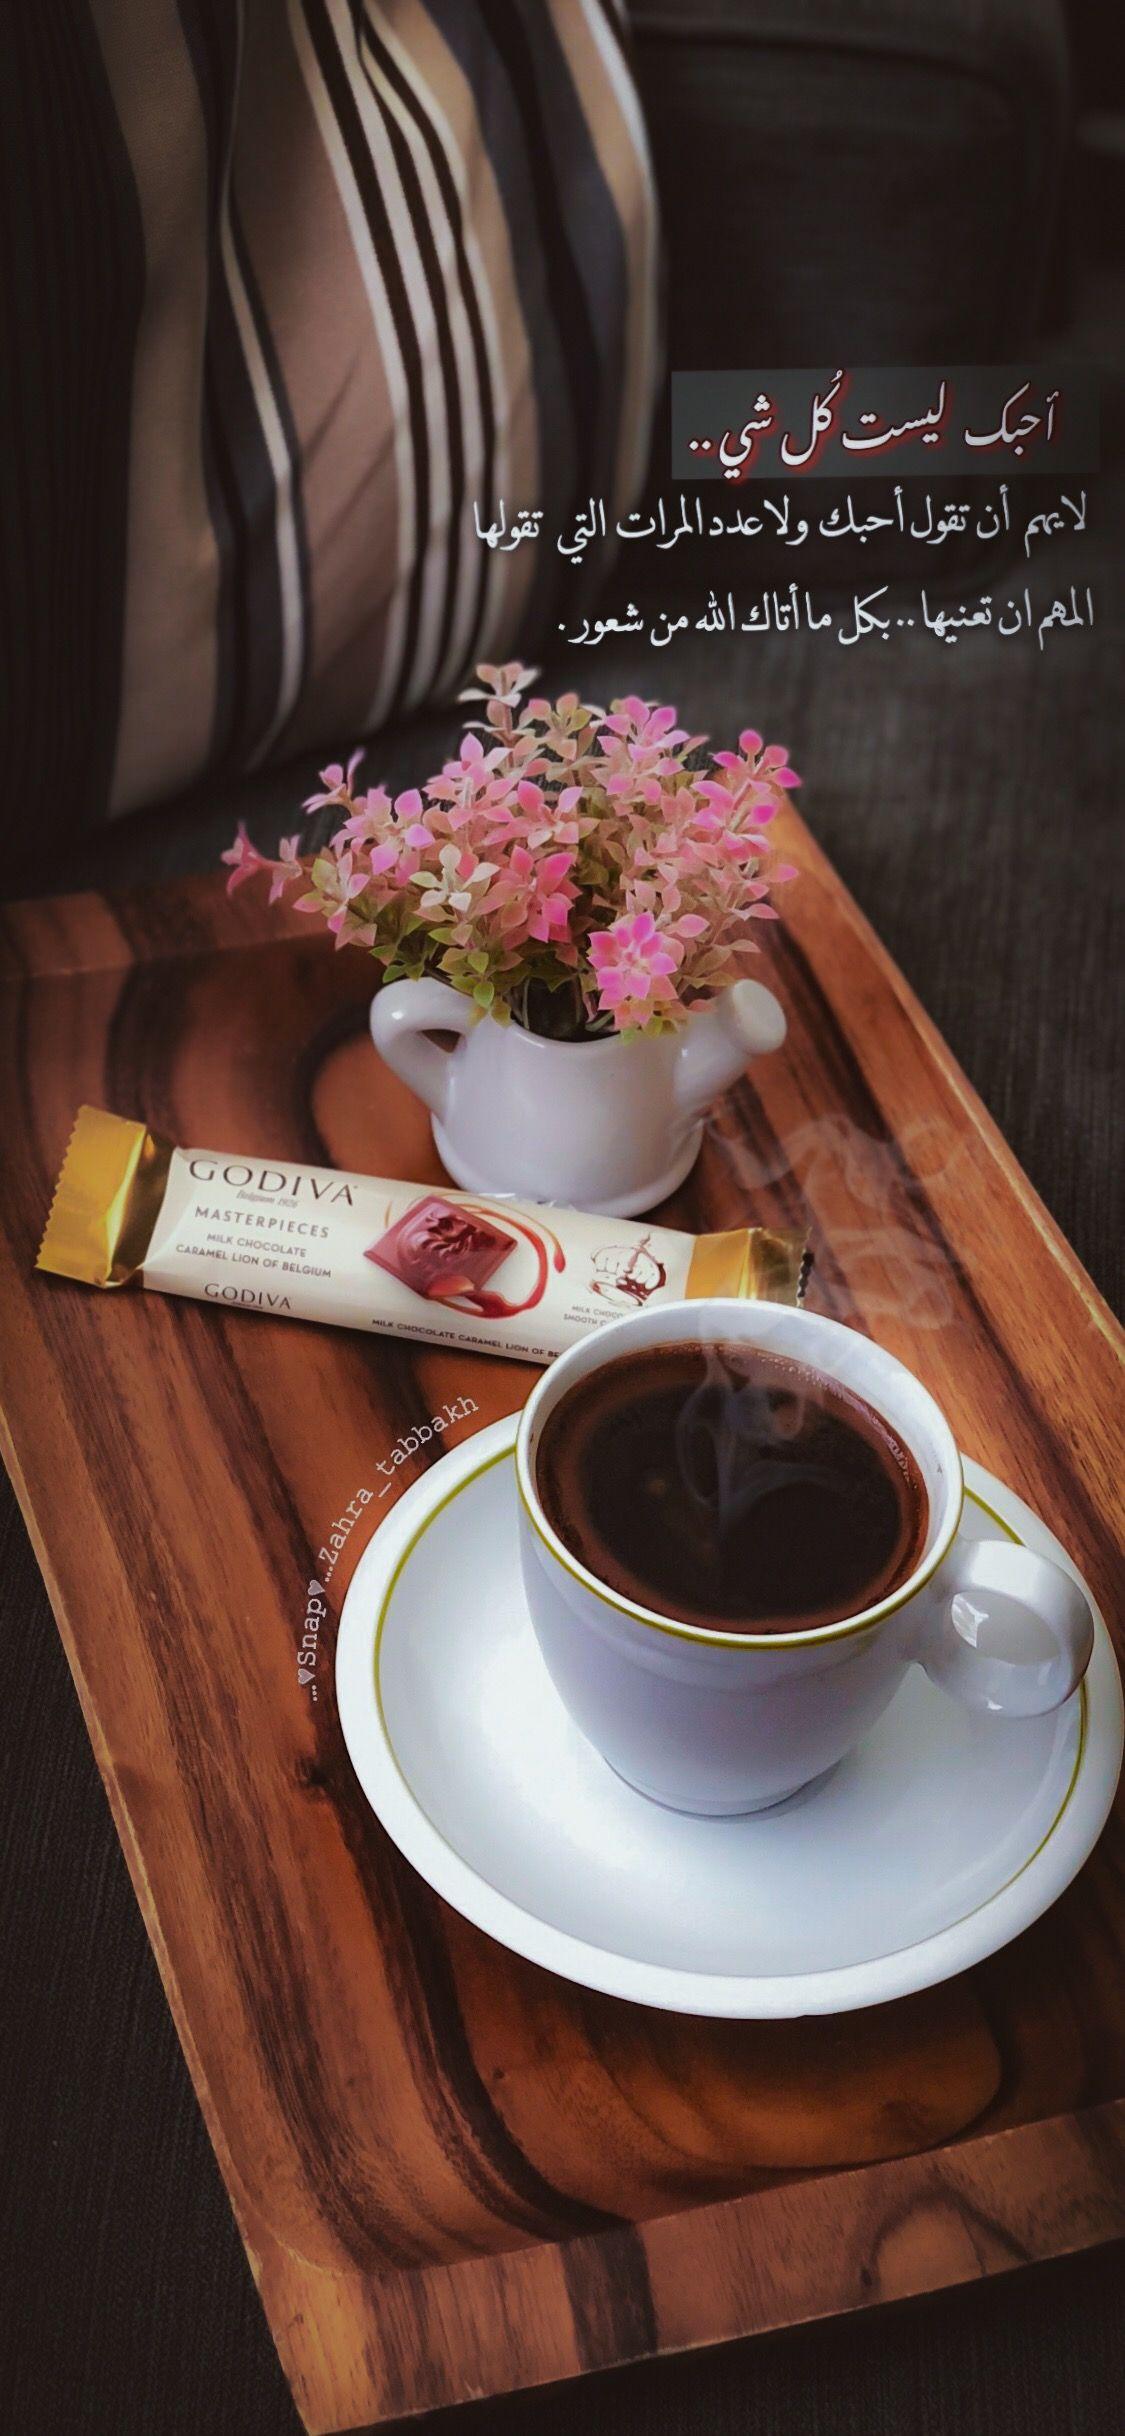 قهوة قهوتي روقان مزاج بيسيات صباح سنابيات مساء هدوء صور Coffee Coffee Time Coffee Flower Food Coffee Tea